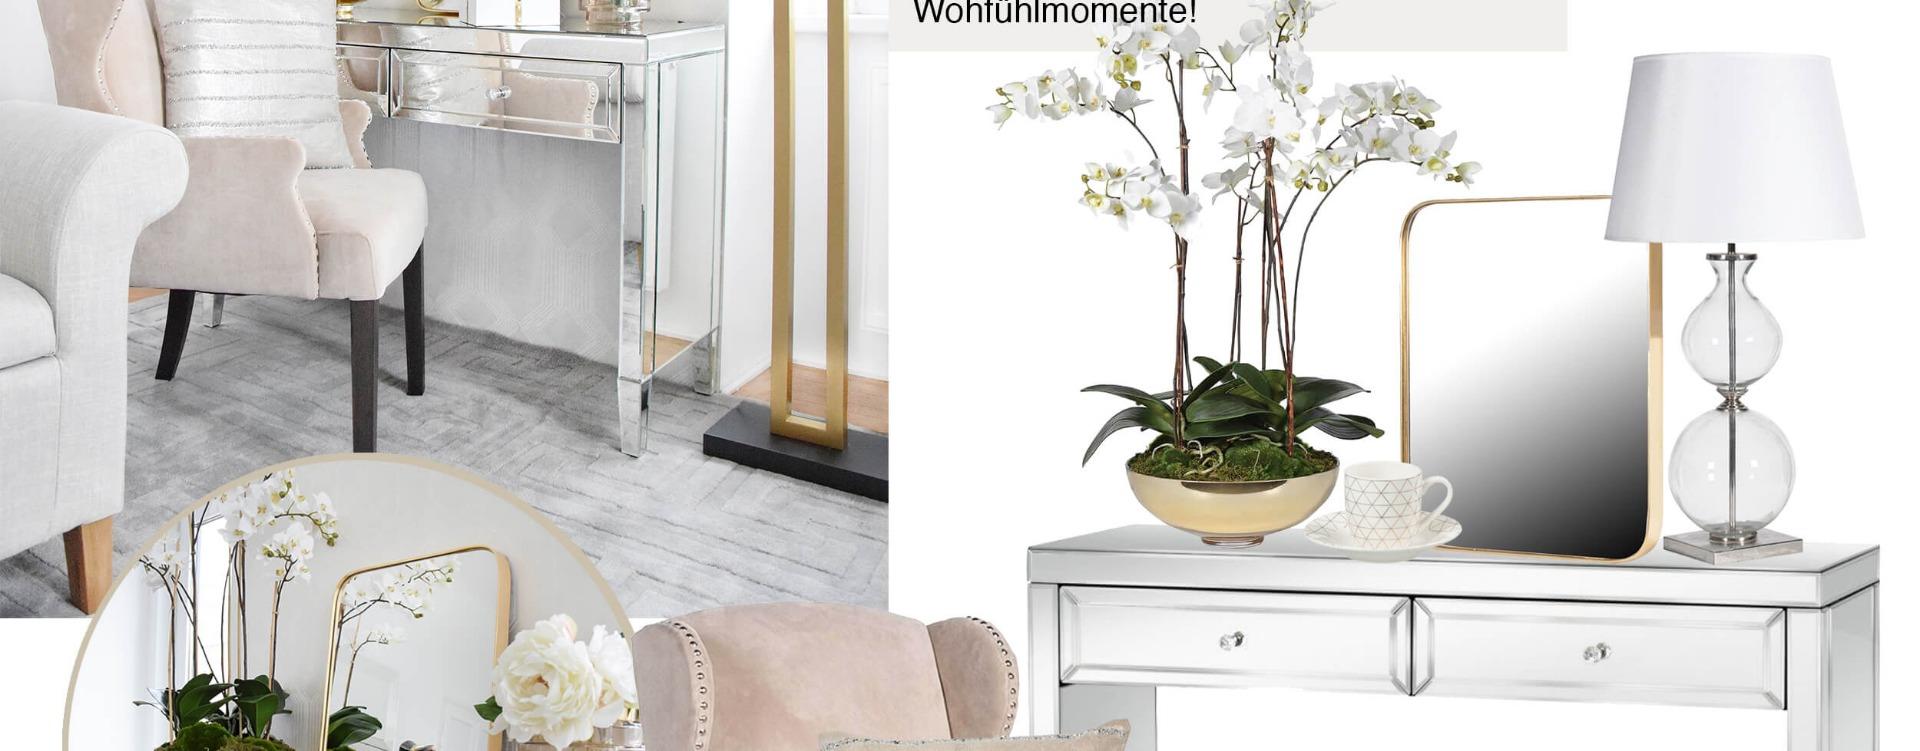 schlafzimmer tapeten gold deko schlafzimmer braun kleiderschr nke 80cm bettdecken mit kamelhaar. Black Bedroom Furniture Sets. Home Design Ideas